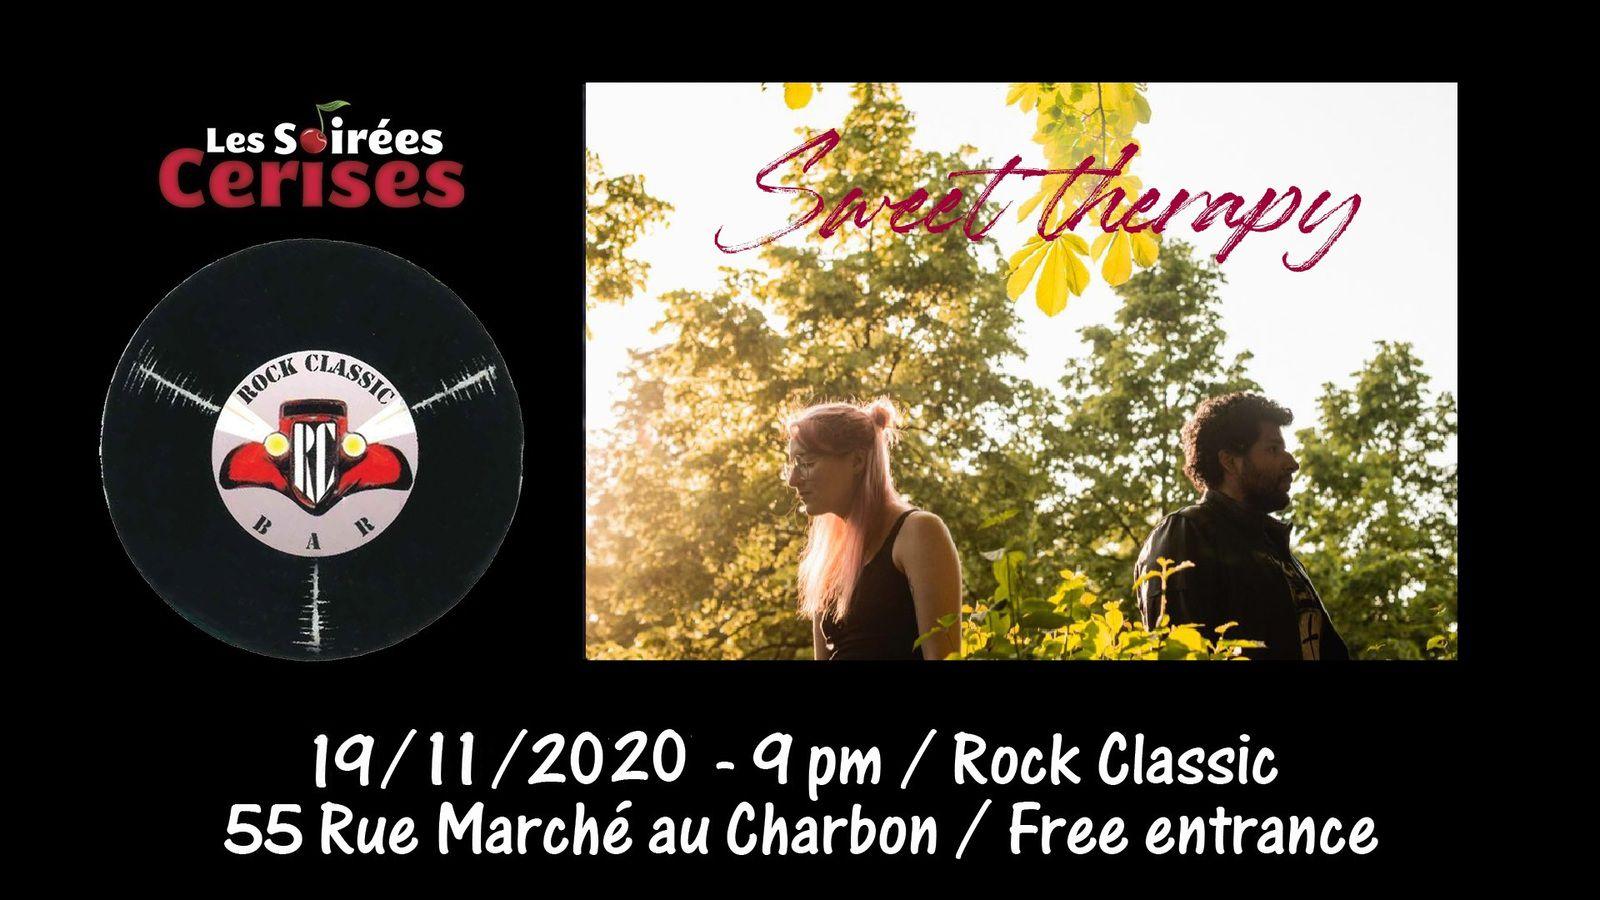 🎵 Sweet Therapy @ Rock Classic - 19/11/2020 - 21h00 - Entrée gratuite / Free entrance